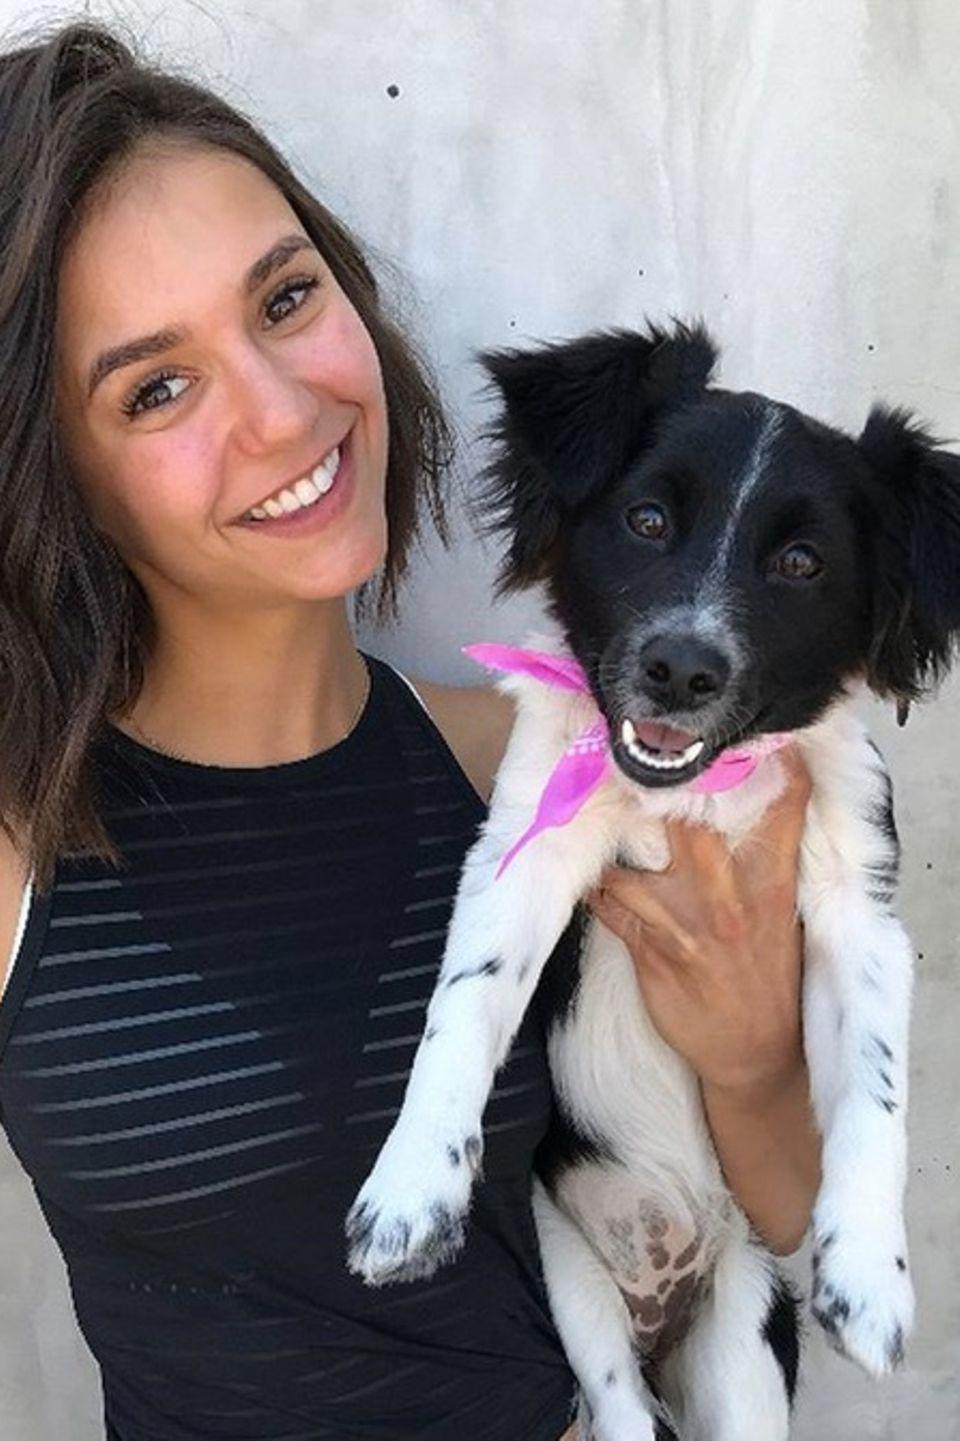 Große Hundeliebe auch bei Nina Dobrev. Ihre süße Hündin feiert am Valentinstag ihren ersten Geburtstag. Dies nimmt Nina Dobrev zum Anlass, viele süße Fotos von sich und dem flauschigen Vierbeiner zu posten.